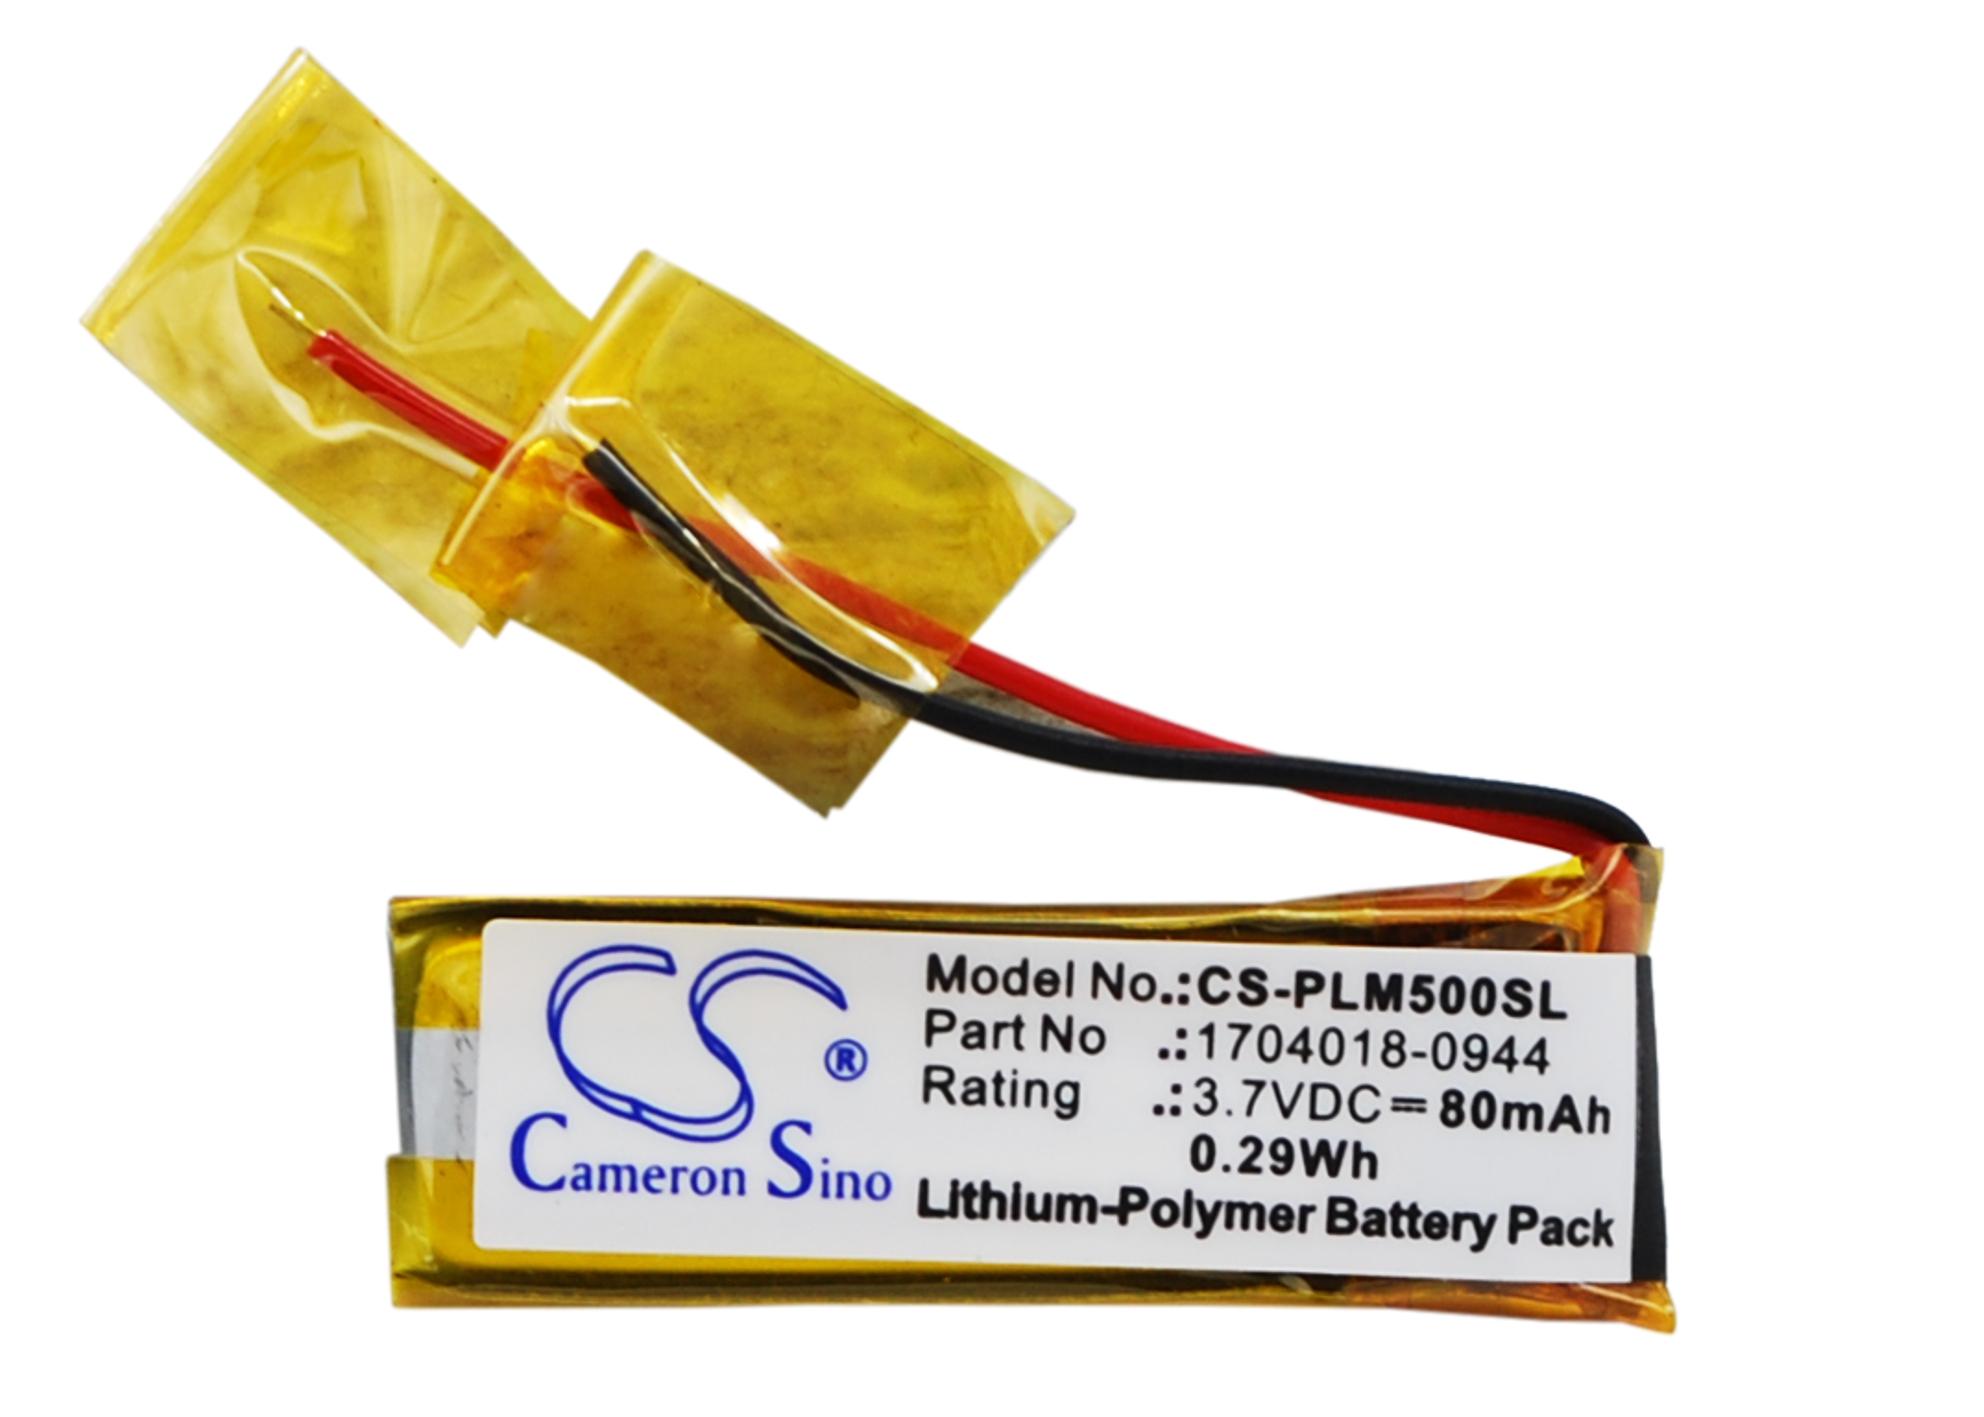 Cameron Sino baterie do bezdrátových sluchátek a headsetů pro PLANTRONICS M50 3.7V Li-Polymer 80mAh černá - neoriginální